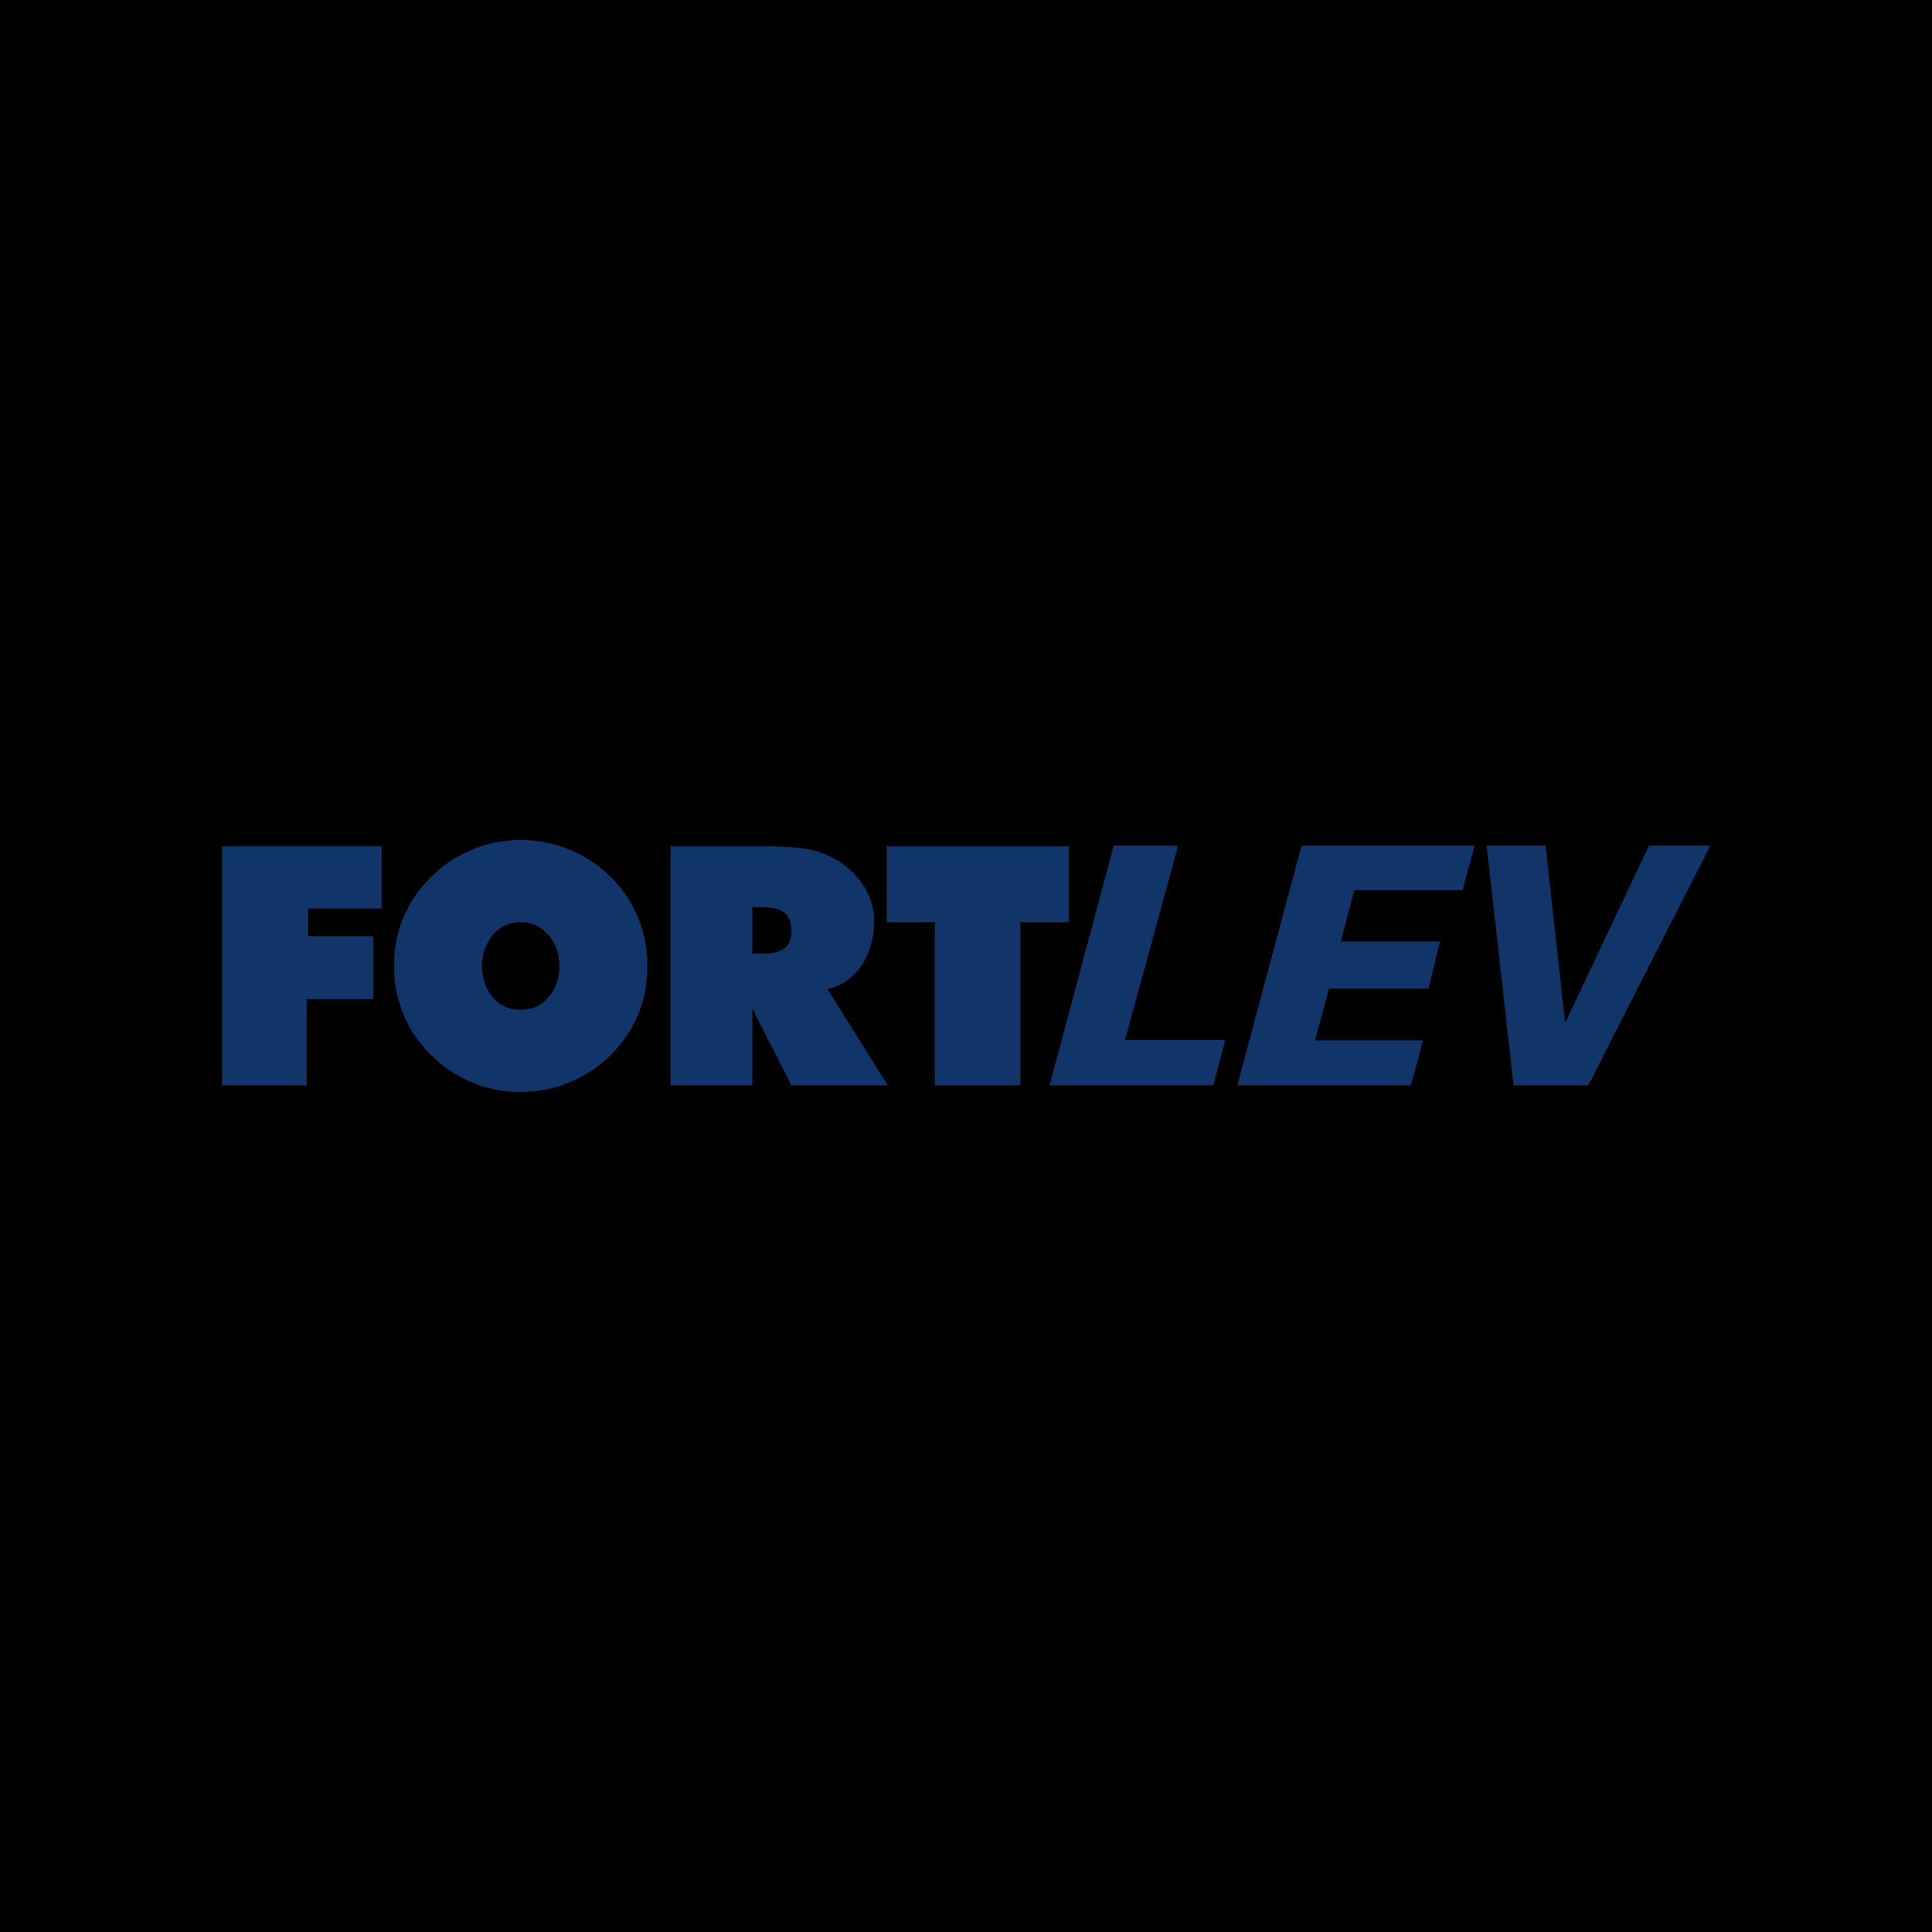 fortlev logo 0 - Fortlev Logo